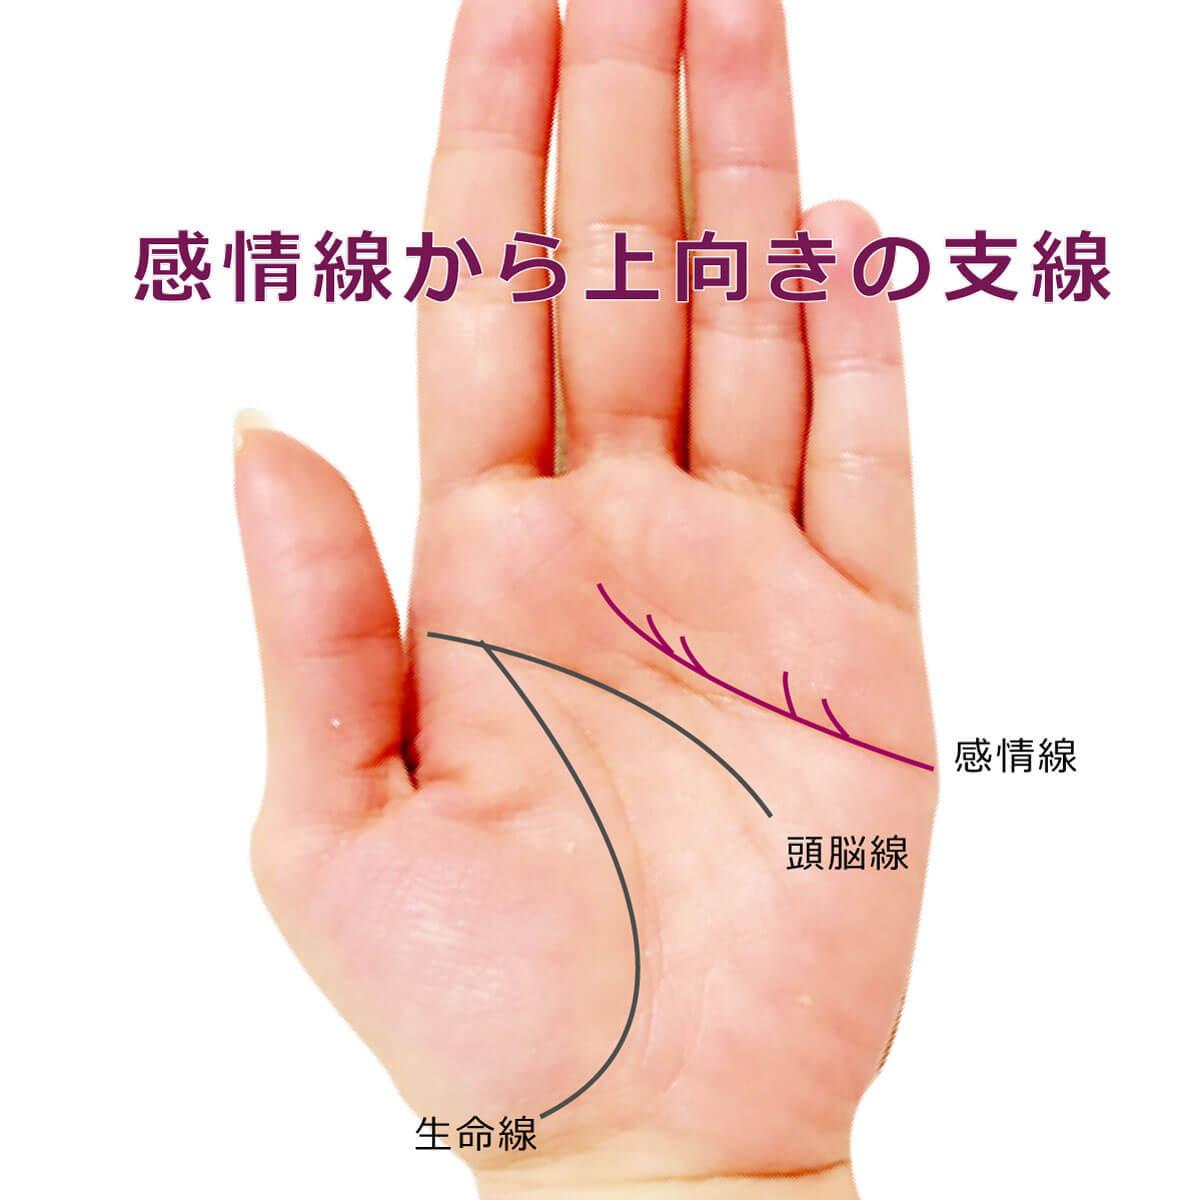 感情線から上向きの支線が伸びている手相